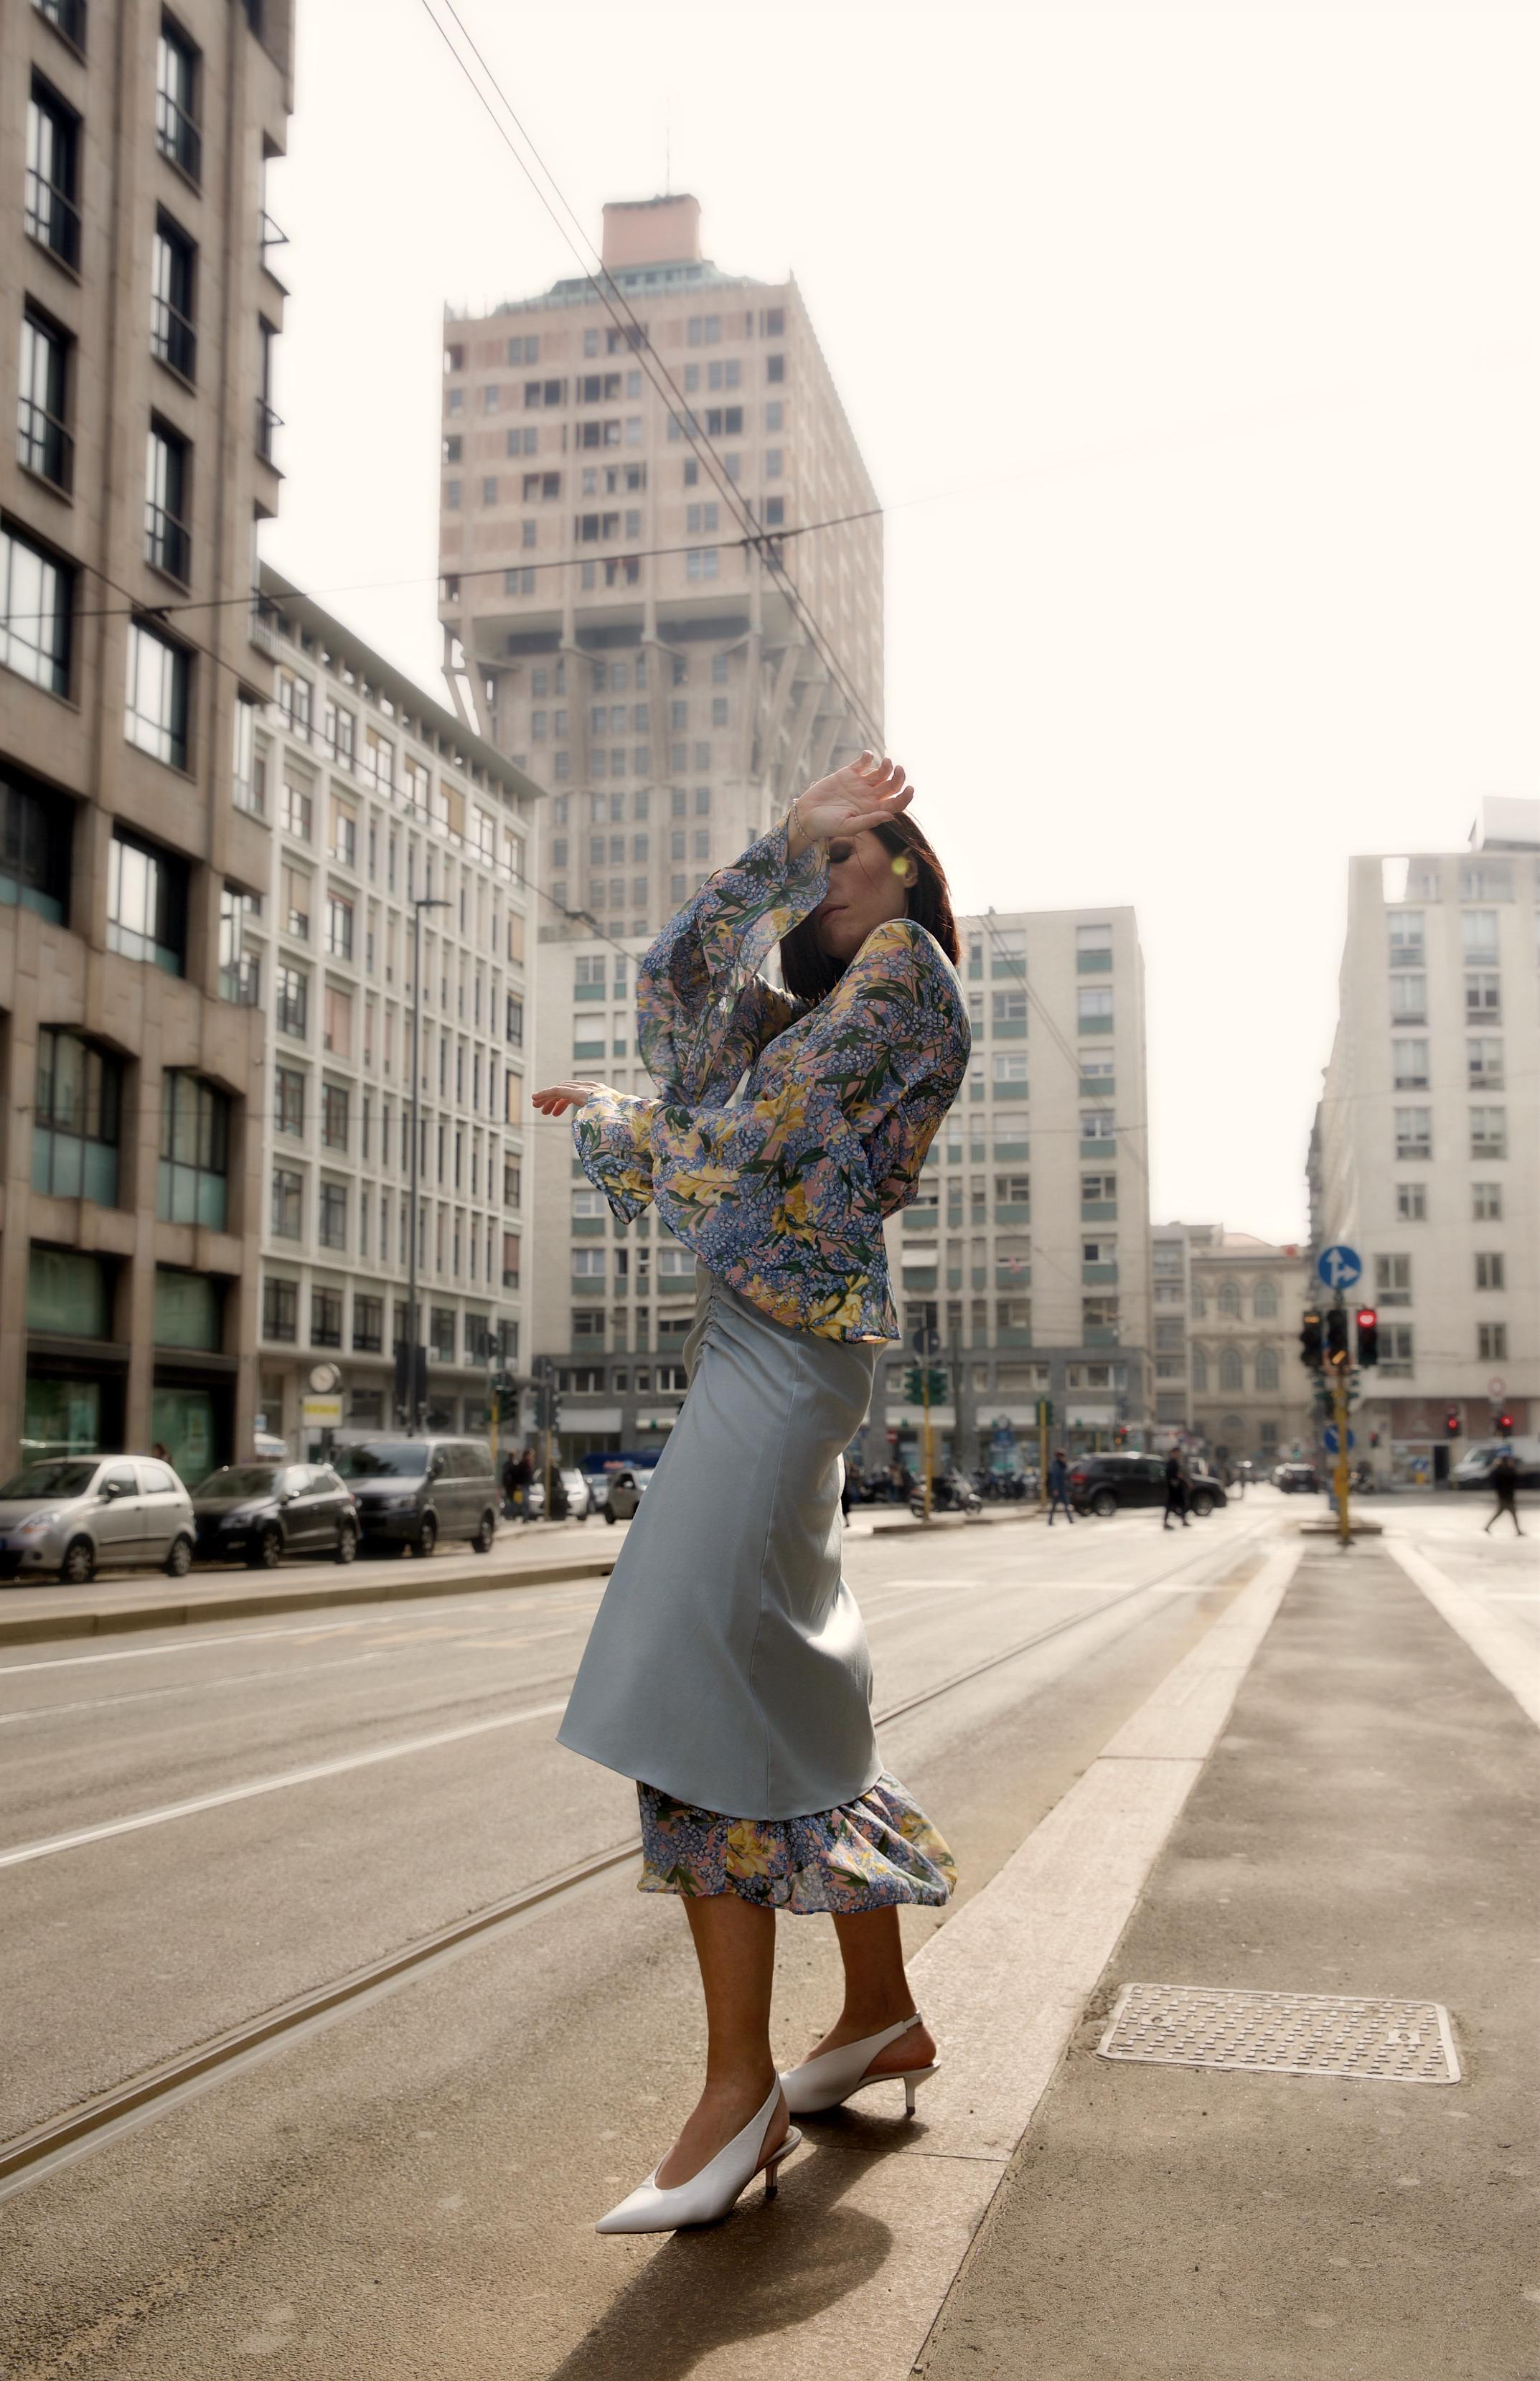 cambridge analytica, theladycracy.it, elisa bellino, privacy facebook, outfit primavera estate 2018, scarpe zara slingback 2018, come vestirsi primavera 2018, fashion blogger milano 2018, fashion blog italia 2018, blogger moda più seguite 2018, loeil dress 2018,